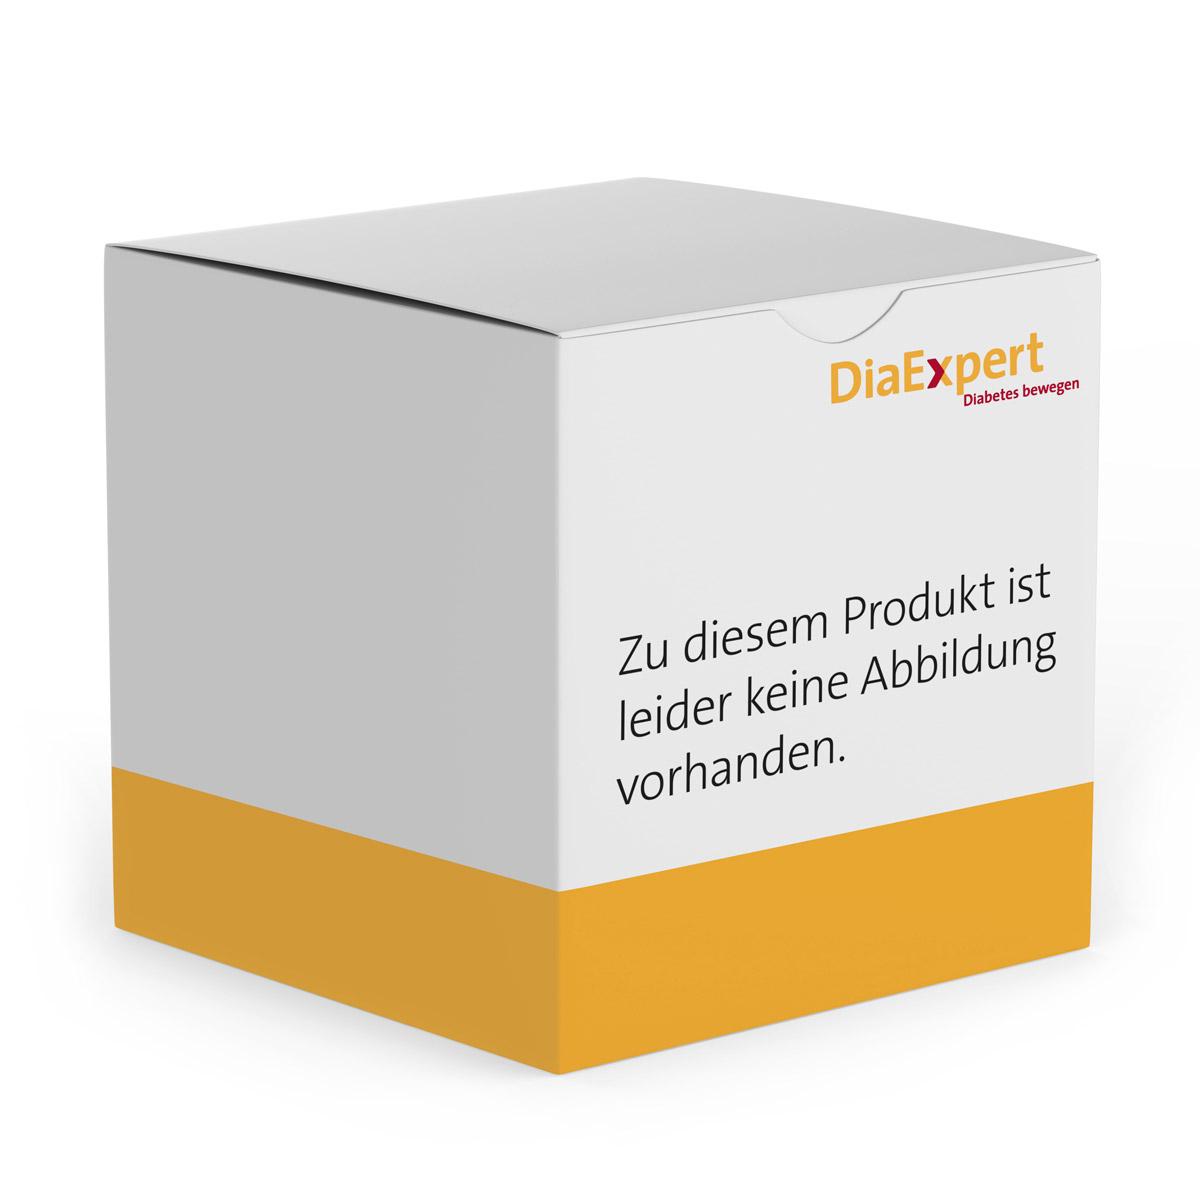 BD Micro-Fine U-100 Insulinspritzen 0,5ml